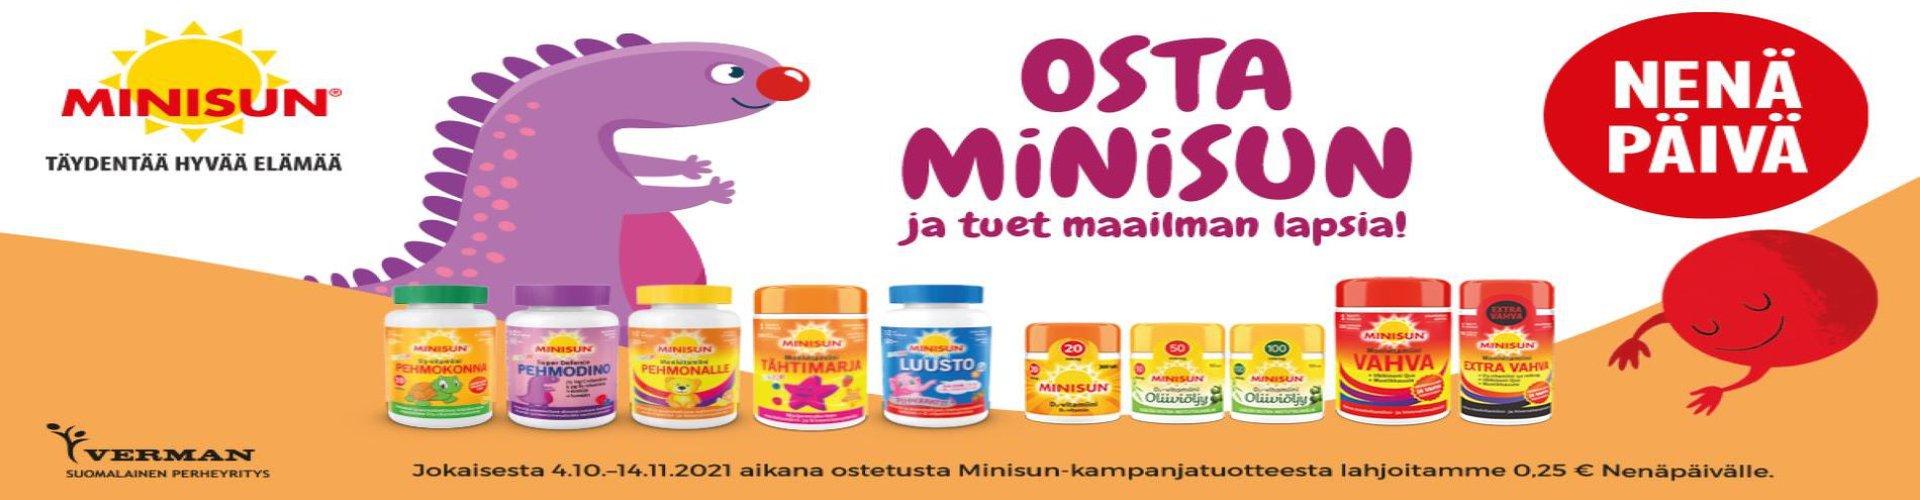 Minisun -tuotteista 0,25€ Nenäpäivä -keräykseen